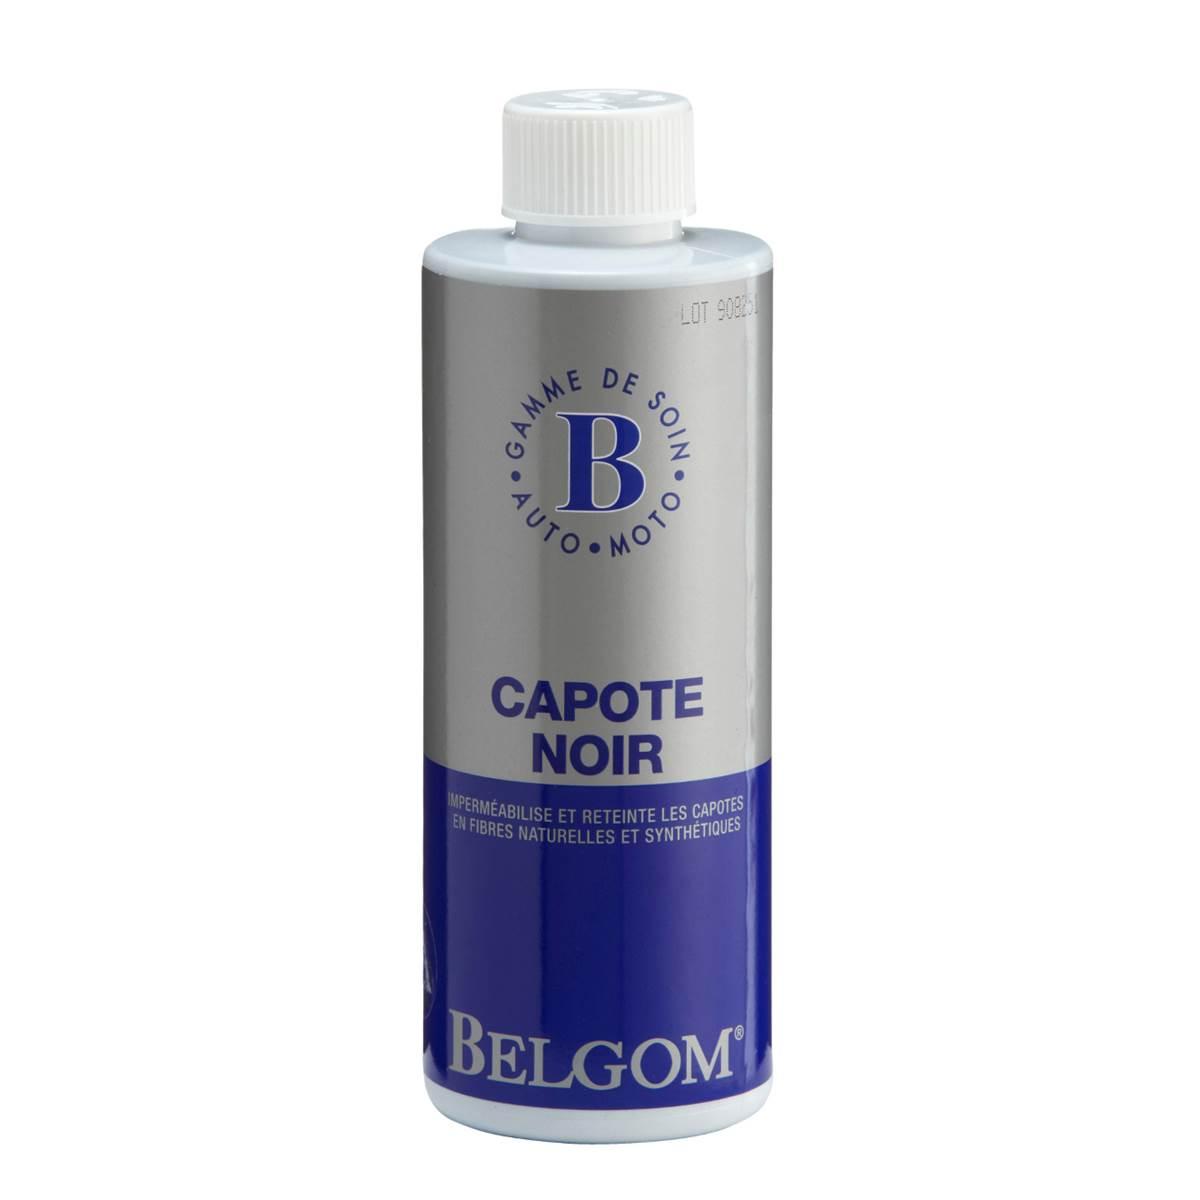 Imperméabilisant pour capote Belgom, 500 ml